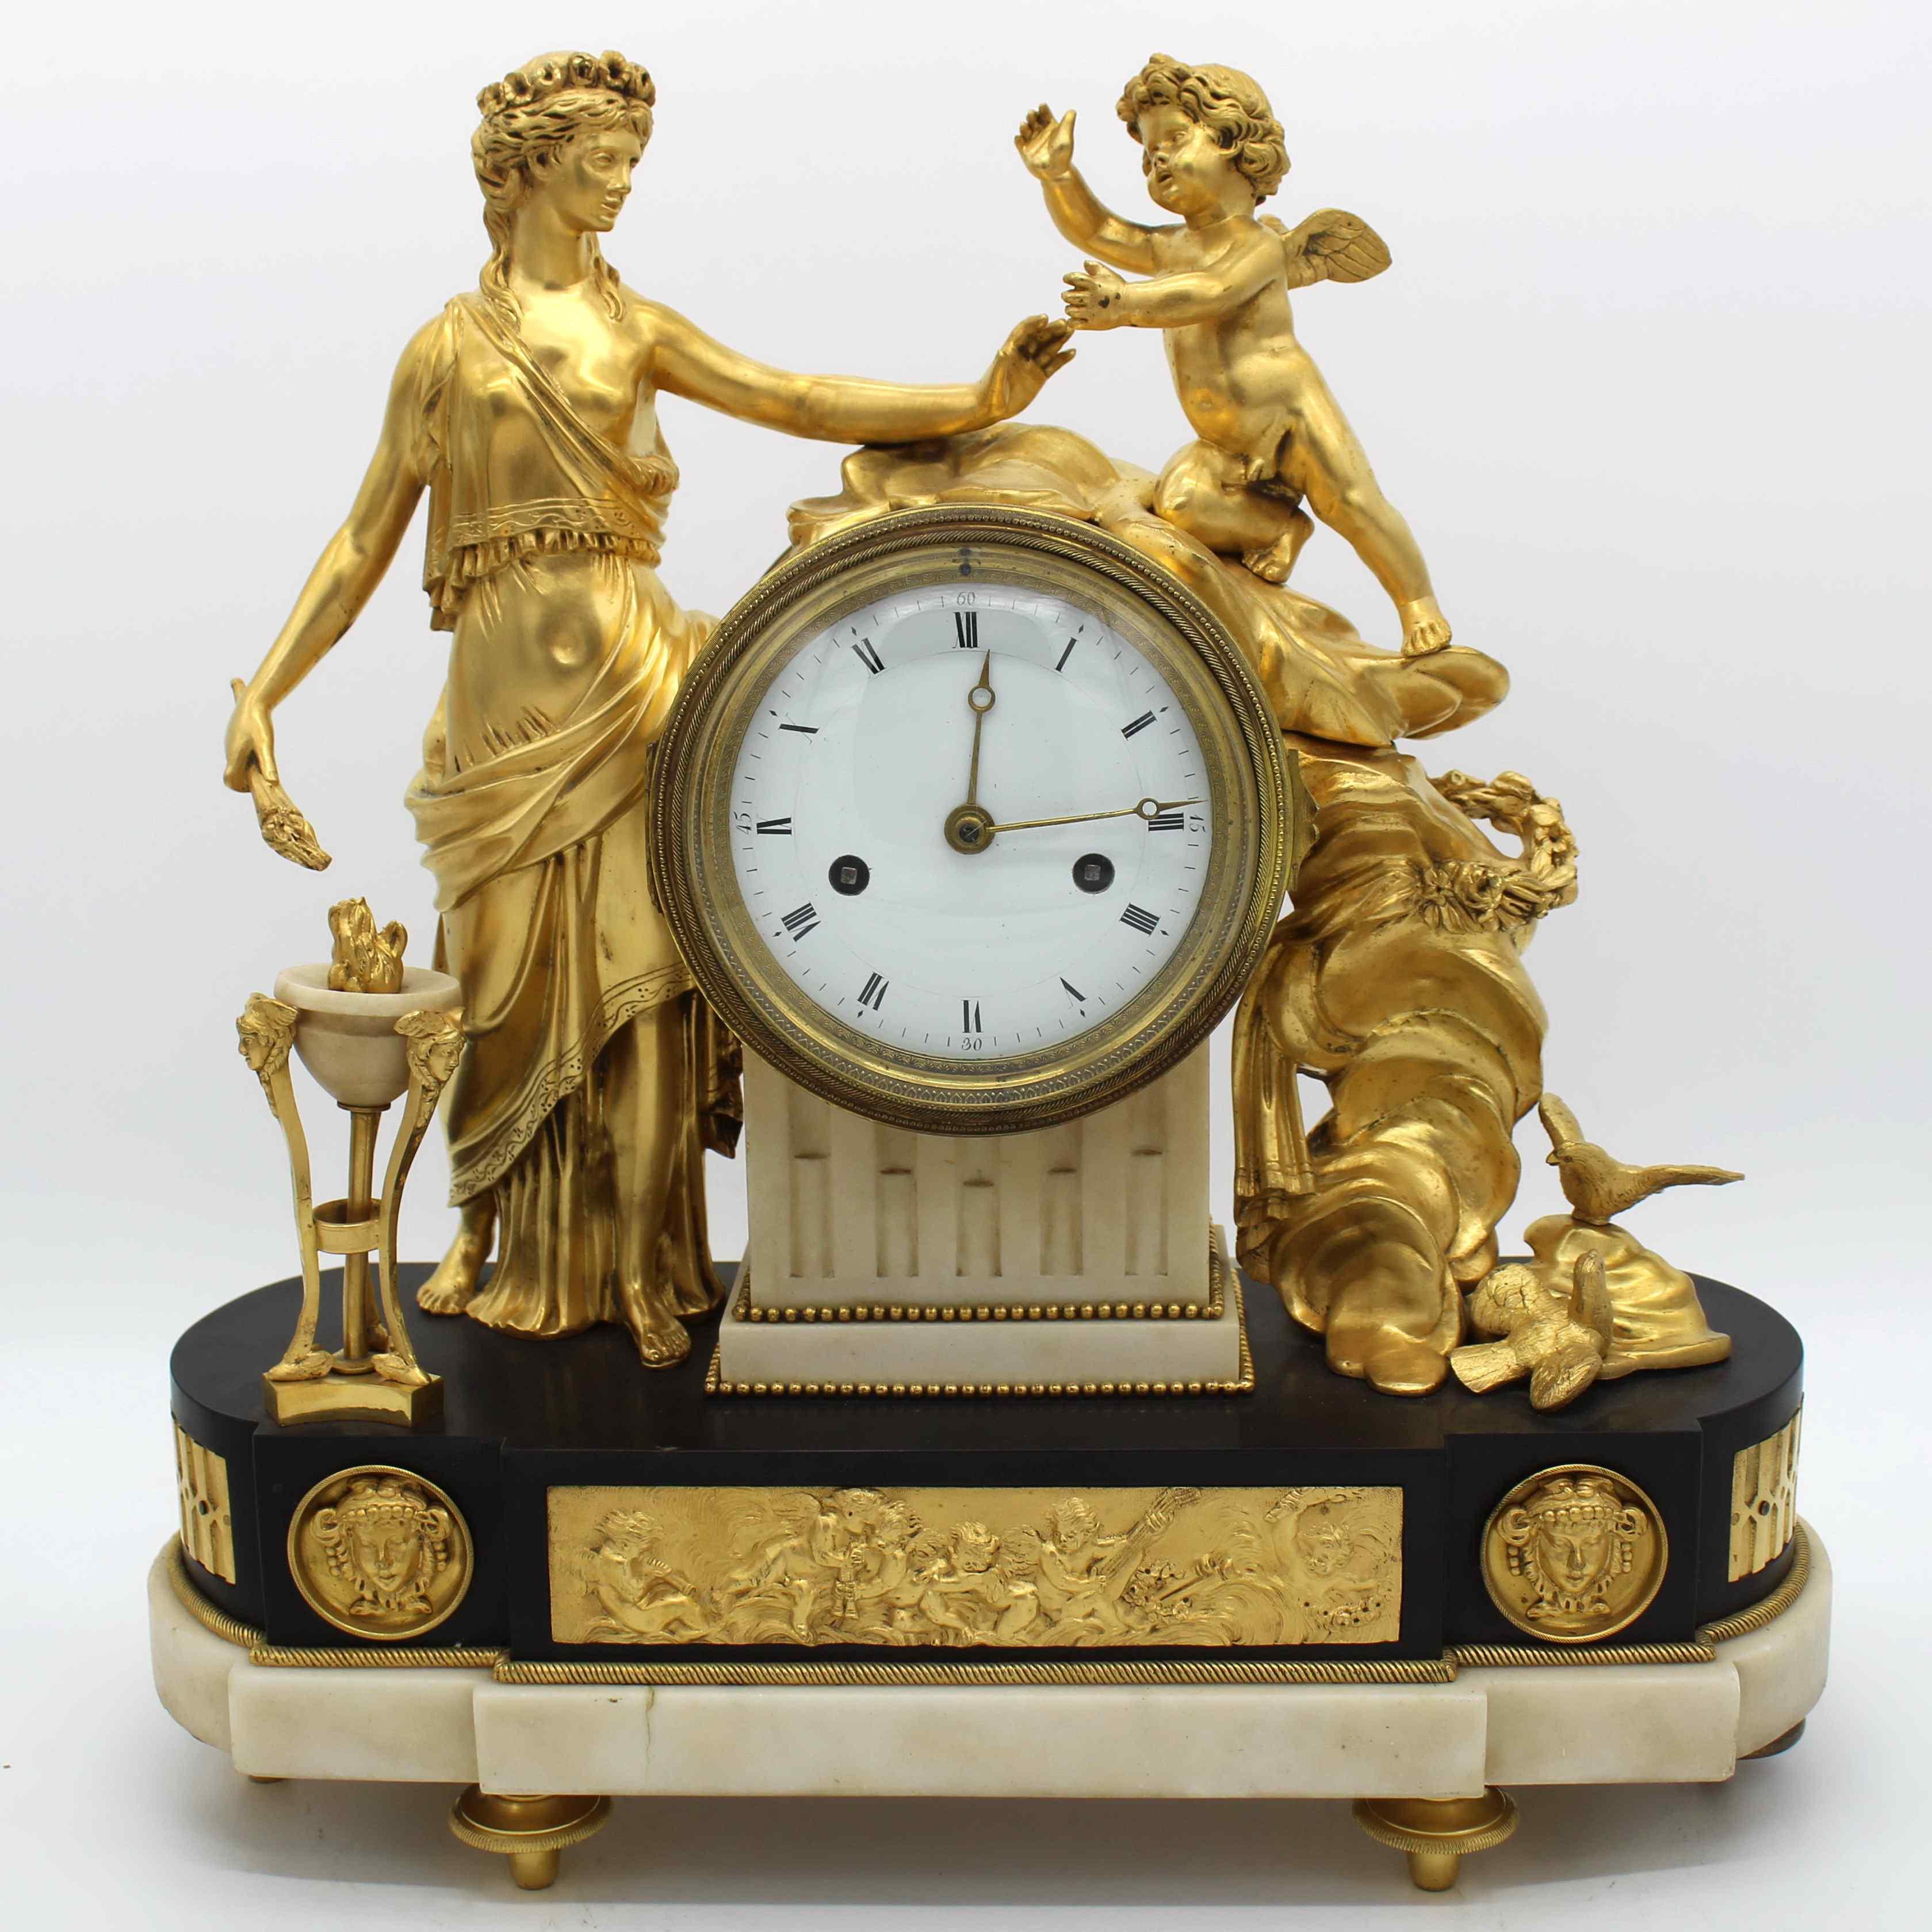 Antique Louis XVI Pendulum Clock in bronze - 18th century